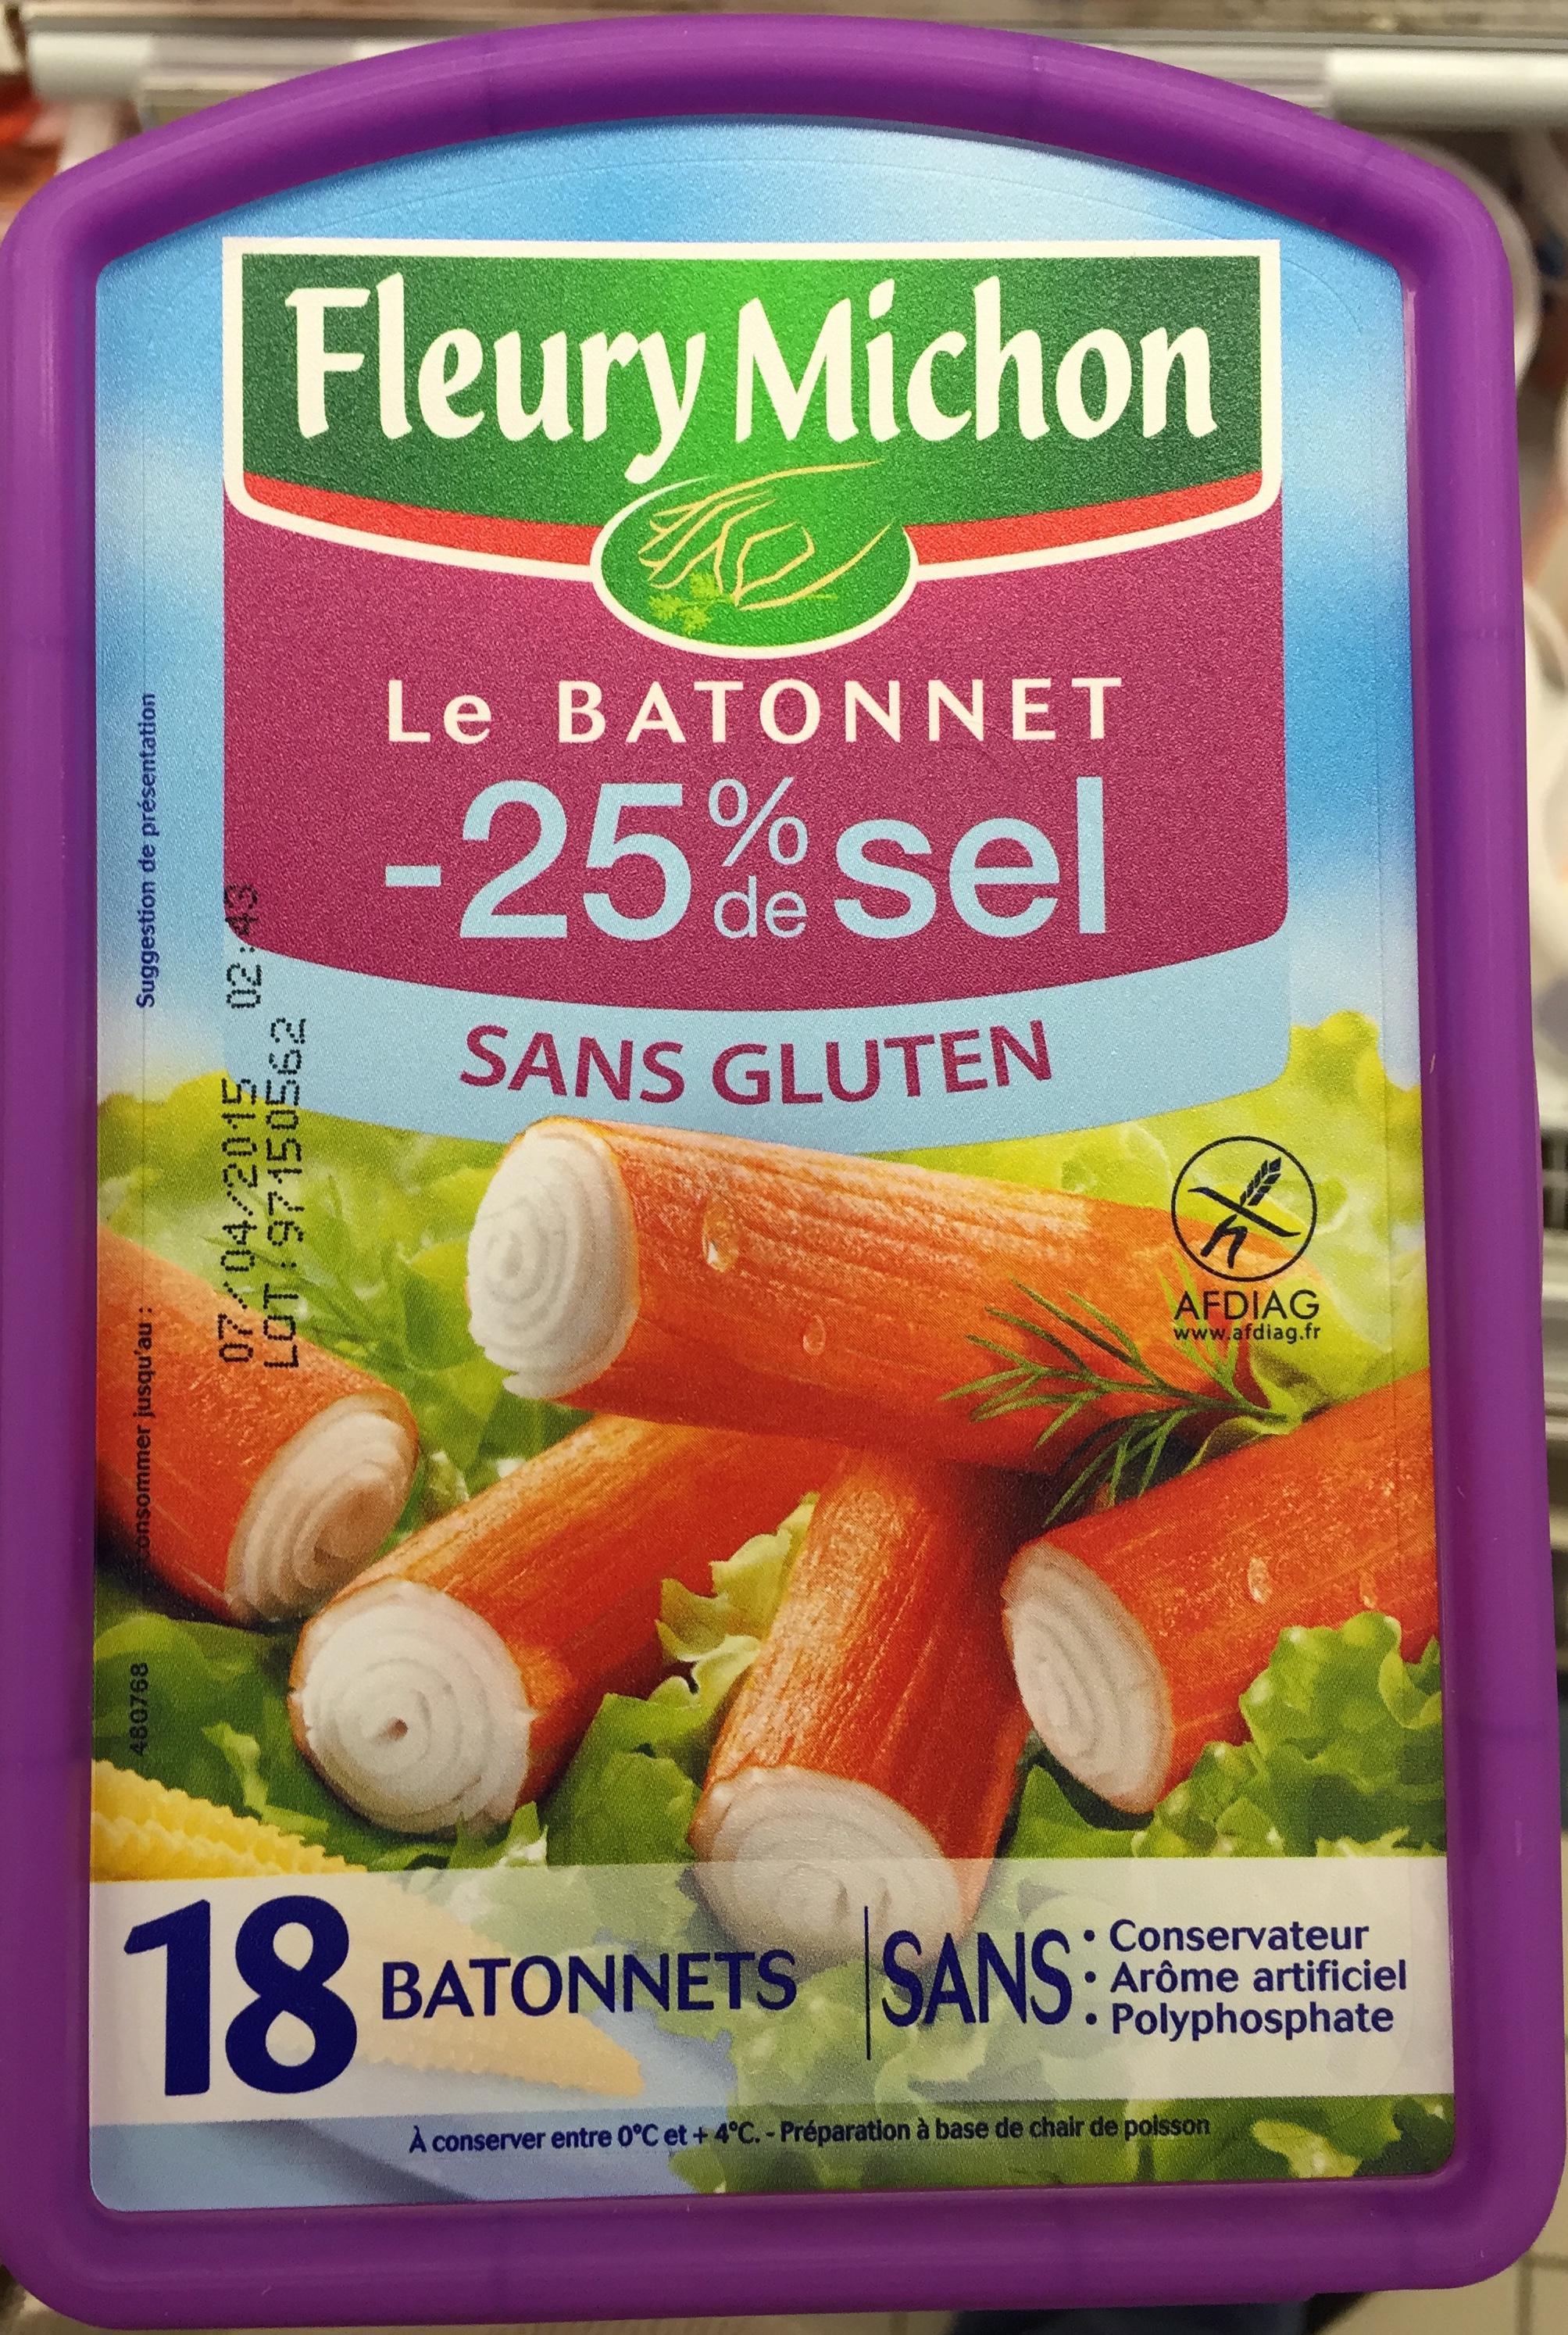 Le Bâtonnet (- 25 % de sel - Sans Gluten) 18 Bâtonnets - Produit - fr